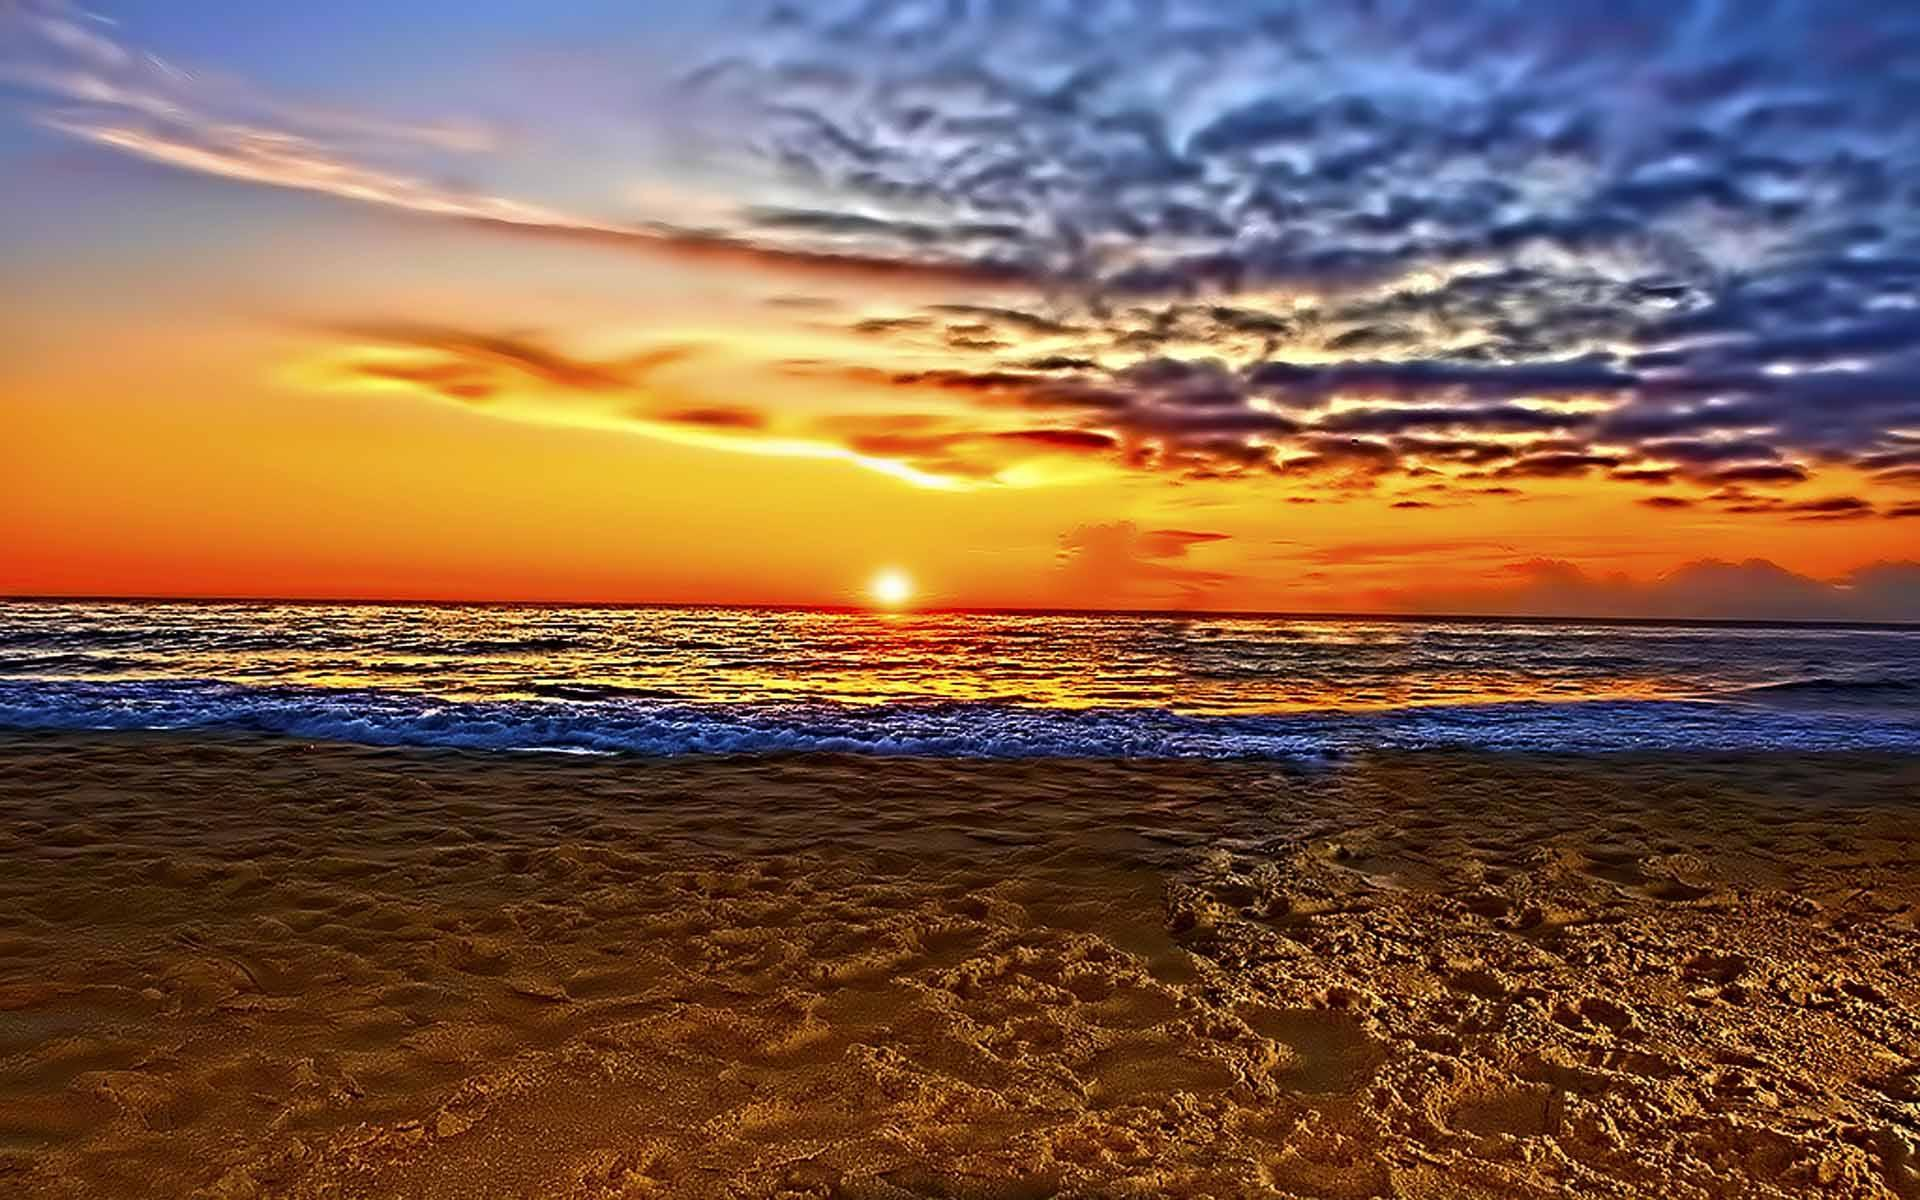 75 gambar pemandangan pantai resolusi tinggi Terbaik